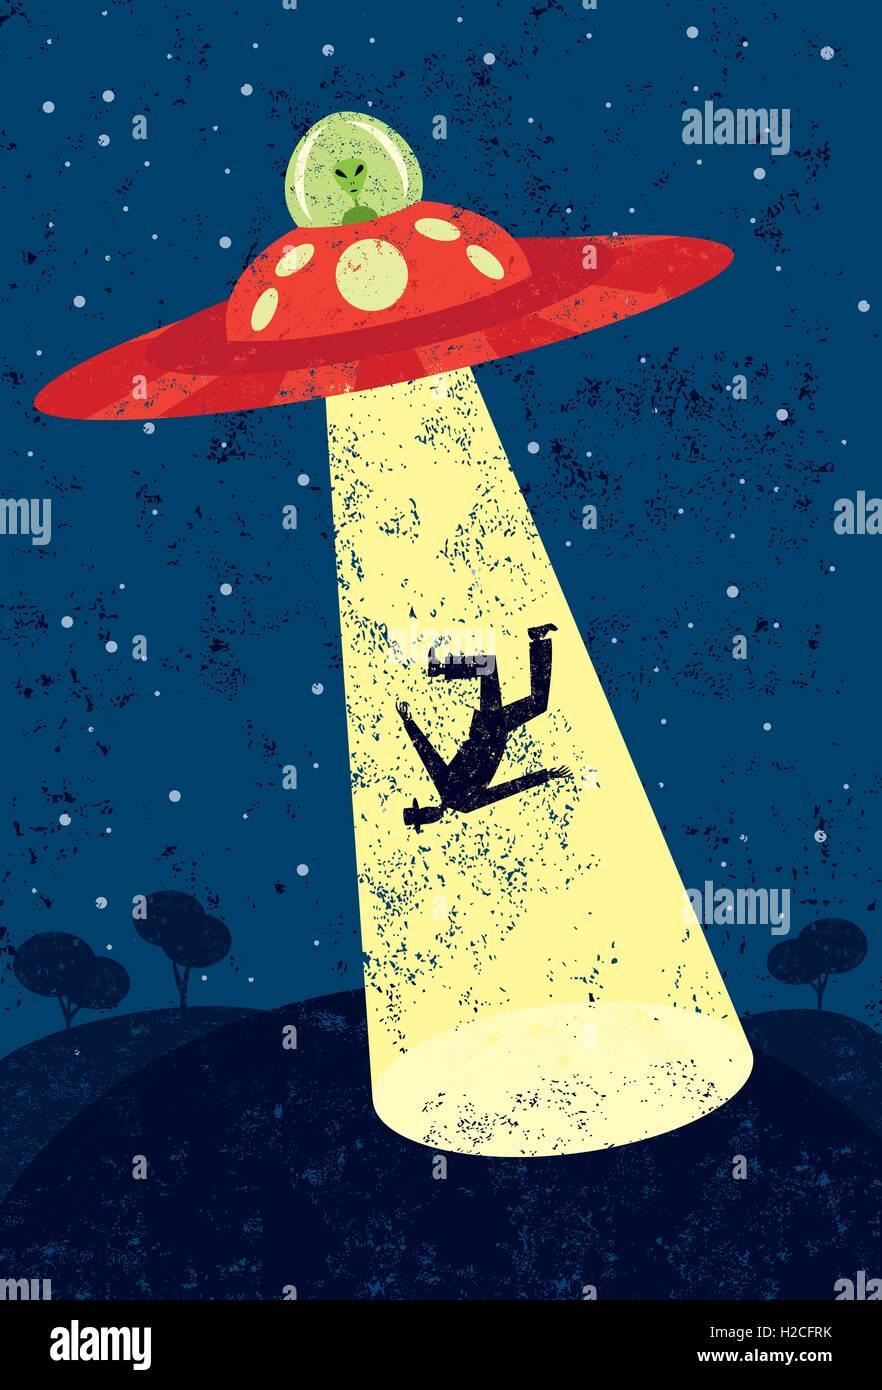 Alien abduction poster - UFO Alien Abduction - Aliens